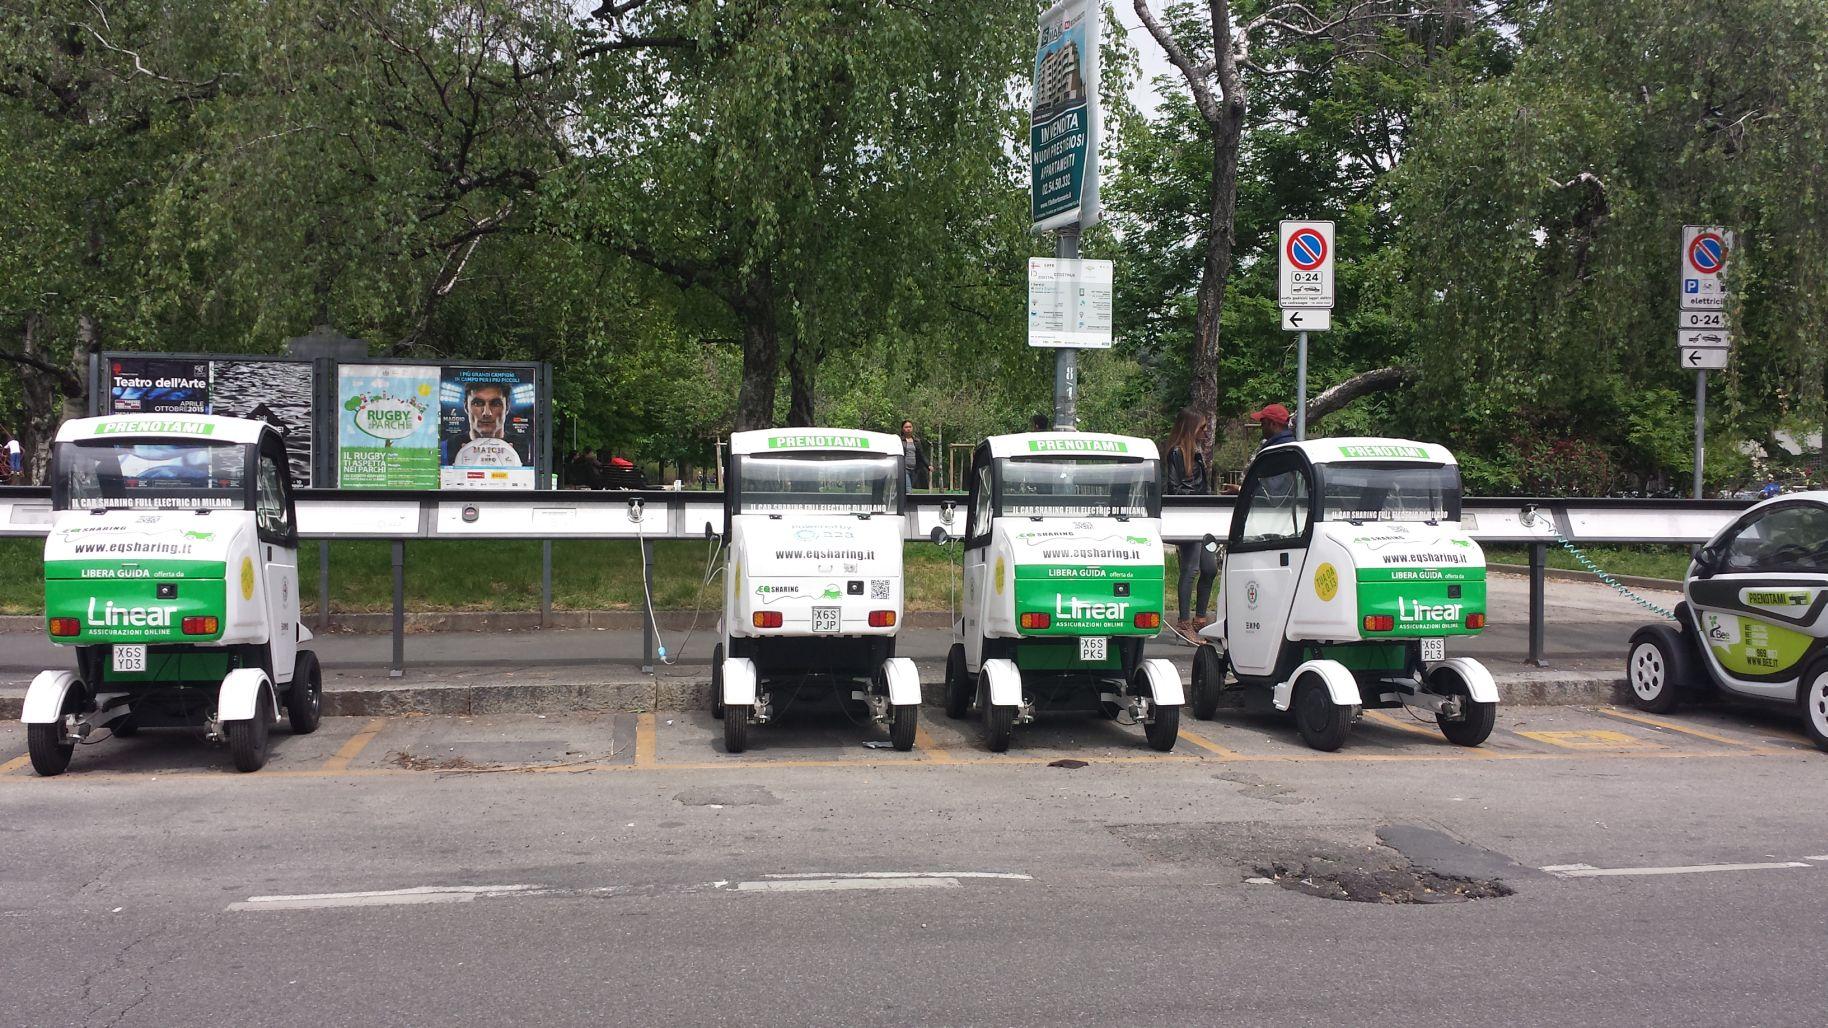 Veicoli elettrici Milano